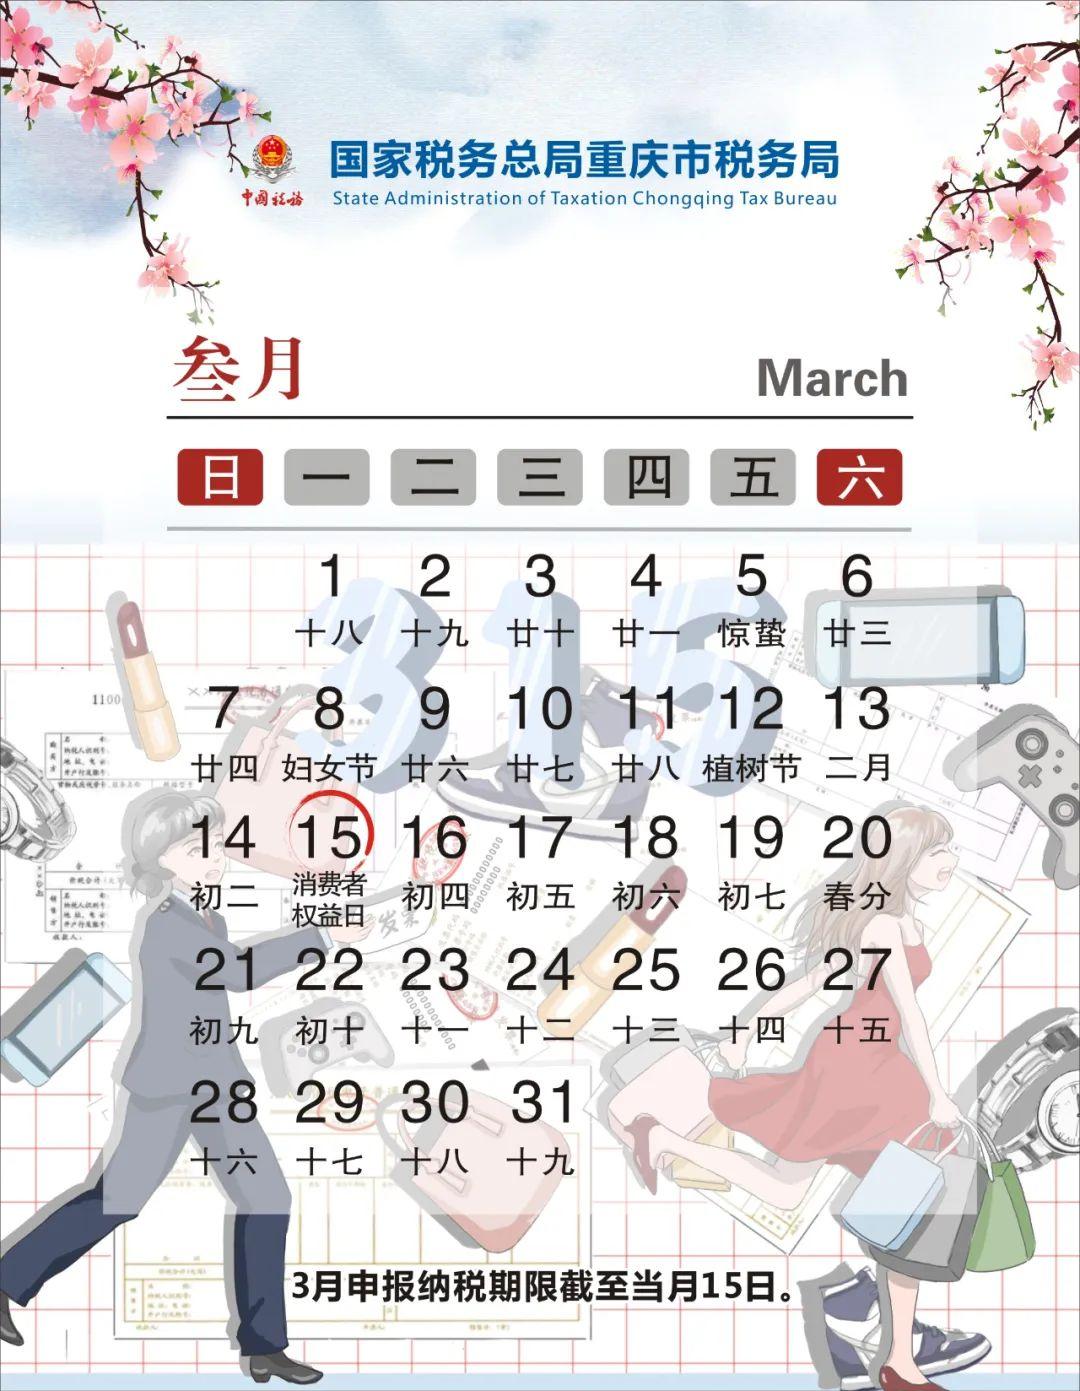 2021年3月纳税申报截止时间,2021年3月申报日历表,请掌握好报税时间